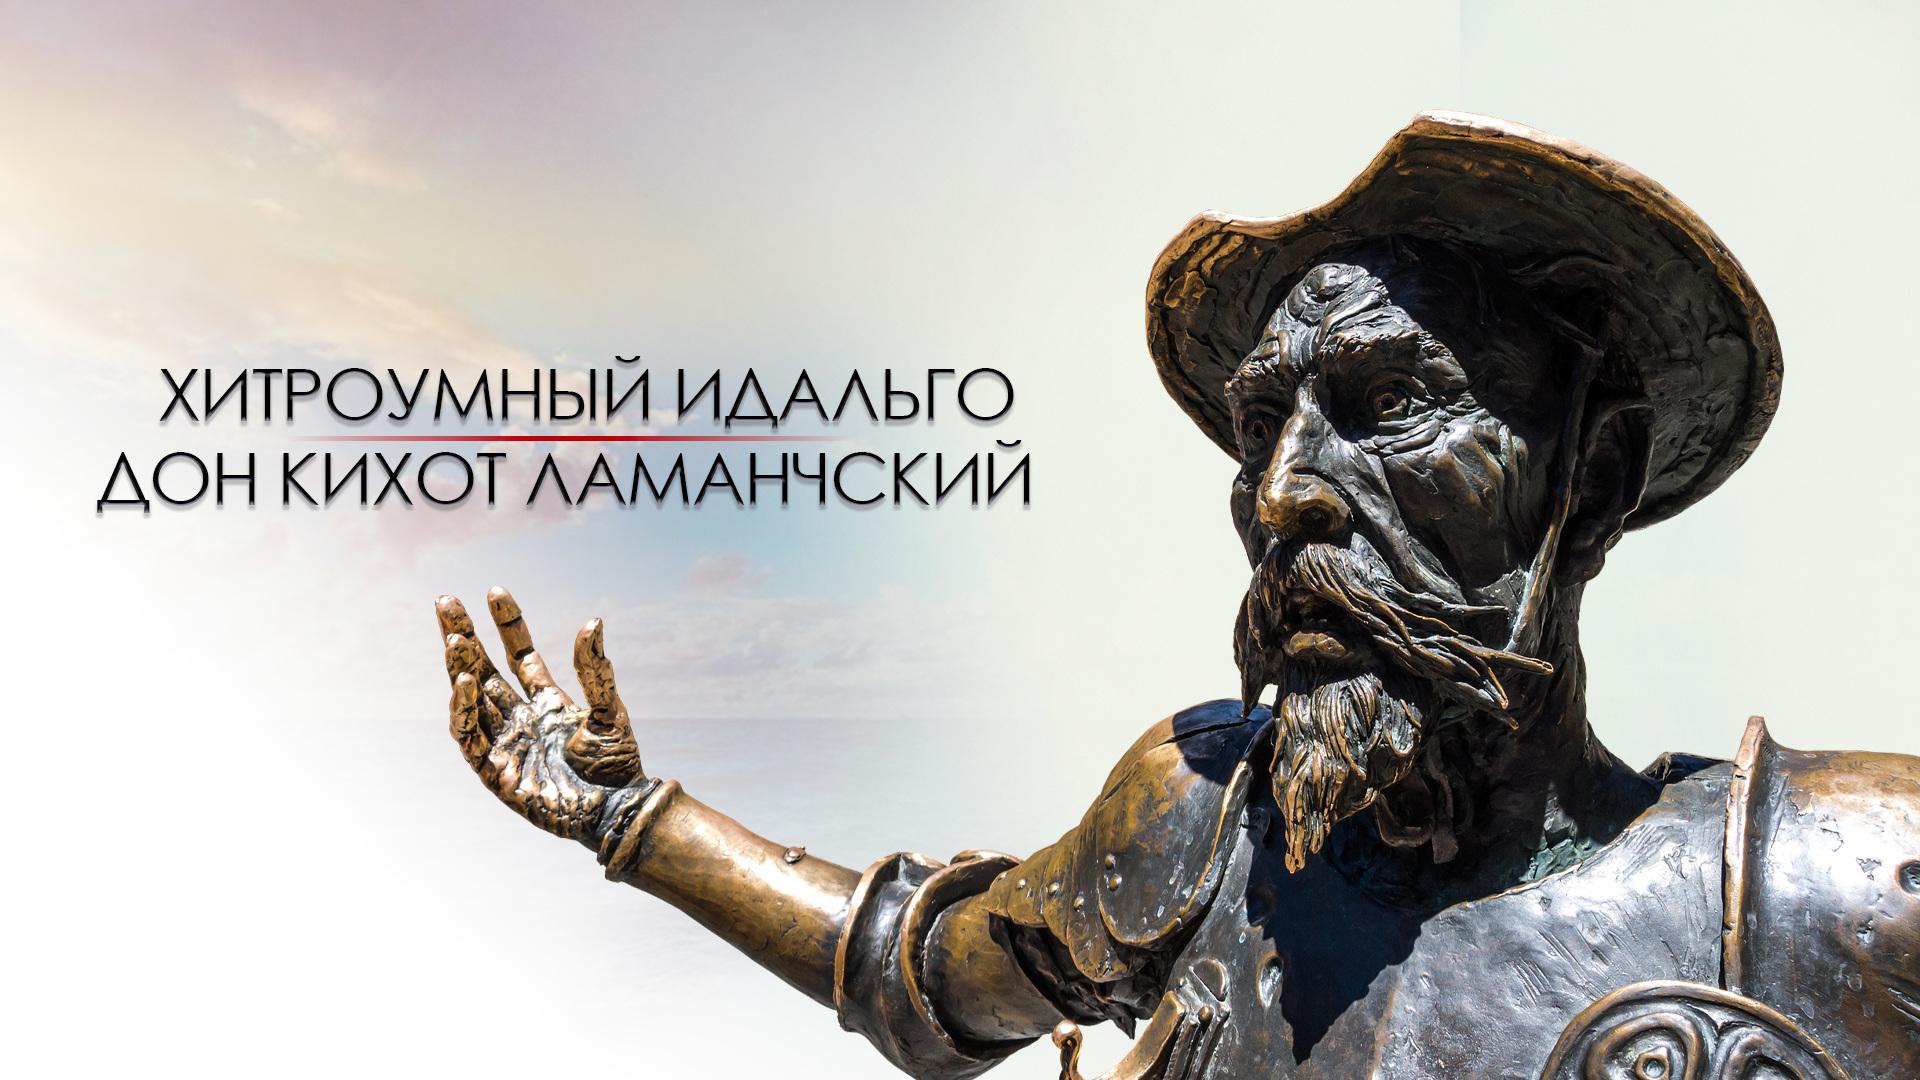 """""""Хитроумный идальго Дон Кихот Ламанчский"""". Радиоспектакль"""